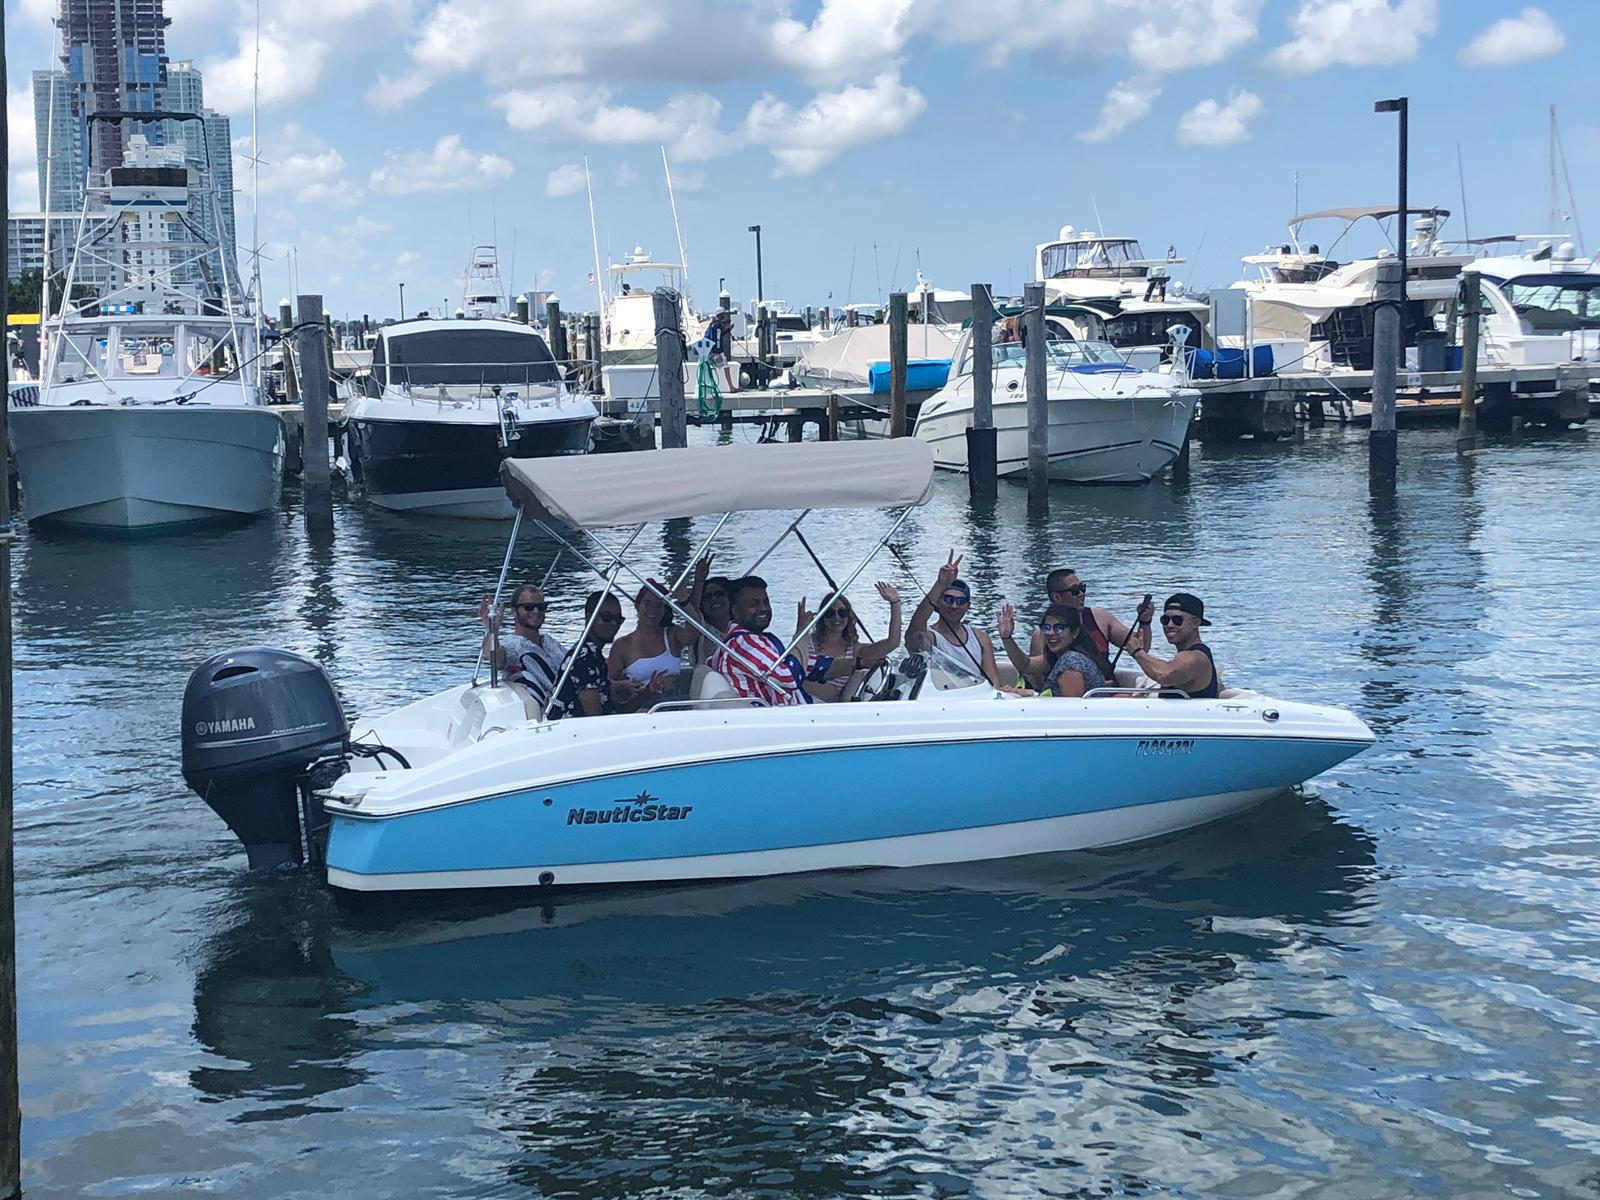 Rent Boat Online | Miami Boat Rentals